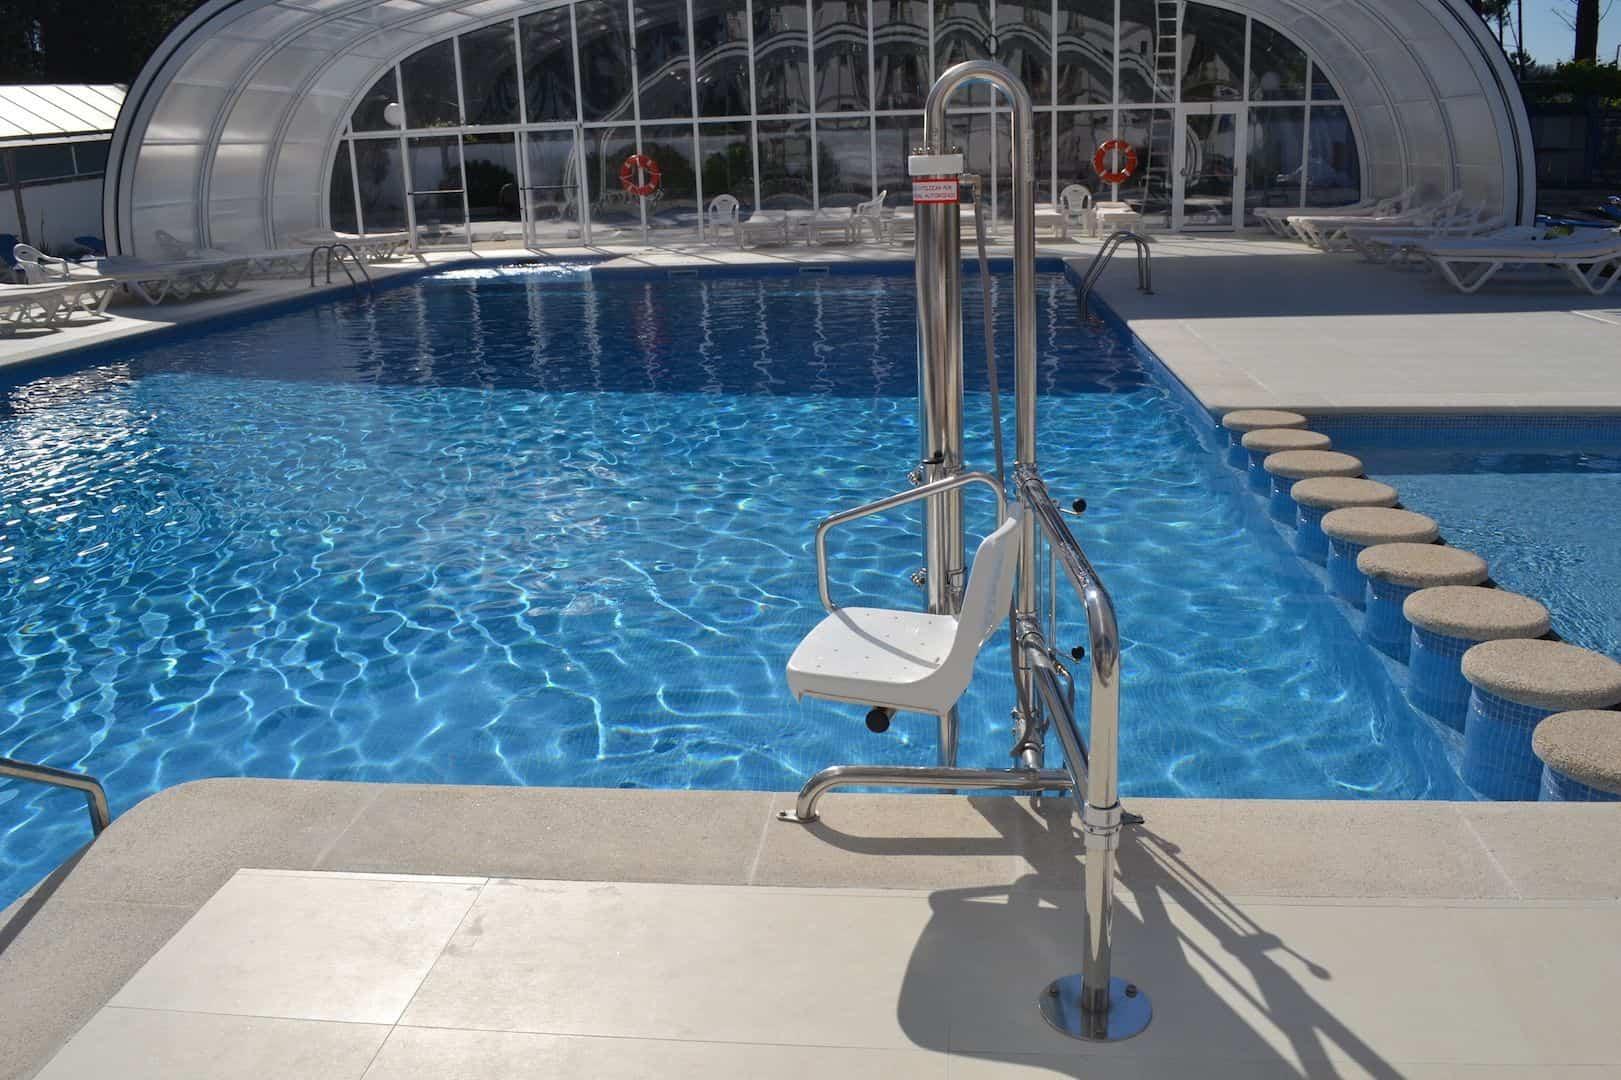 piscinas accesibles todo disca blog sobre discapacidad y